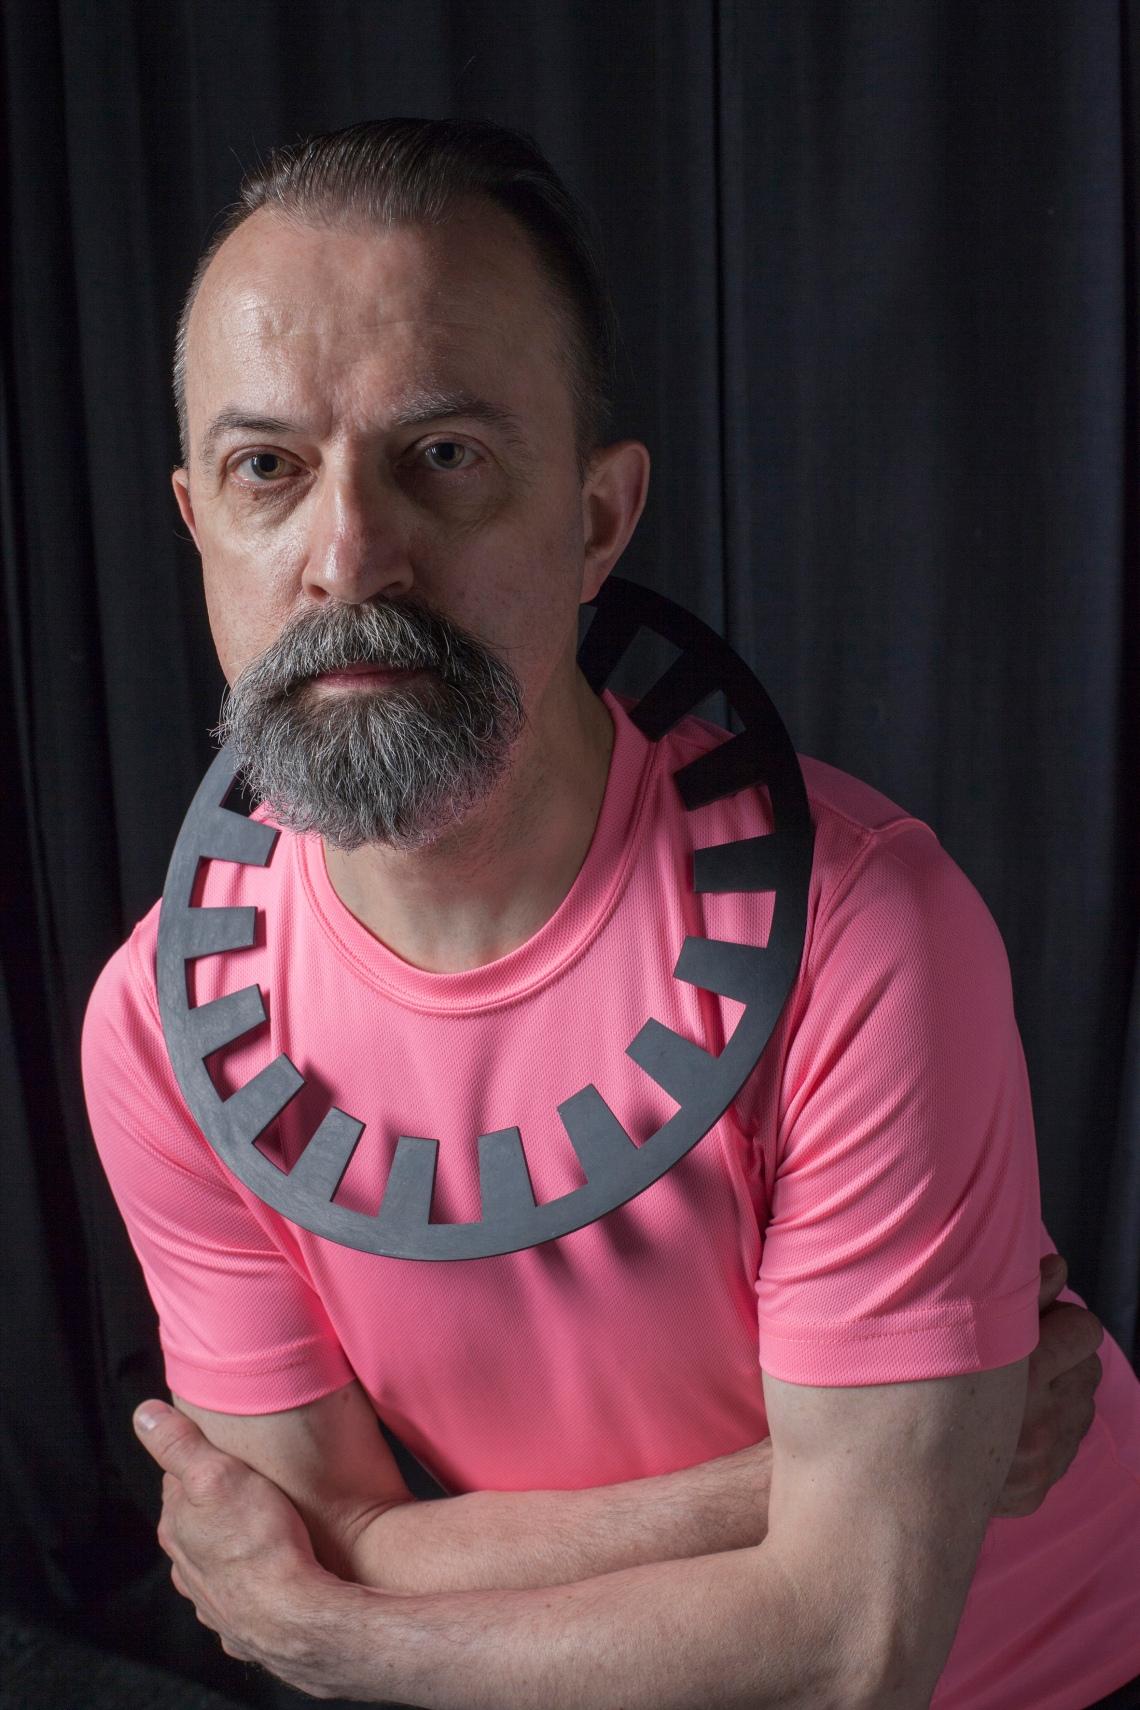 Paul Derrez met collier van David Watkins. Foto met dank aan CODA©